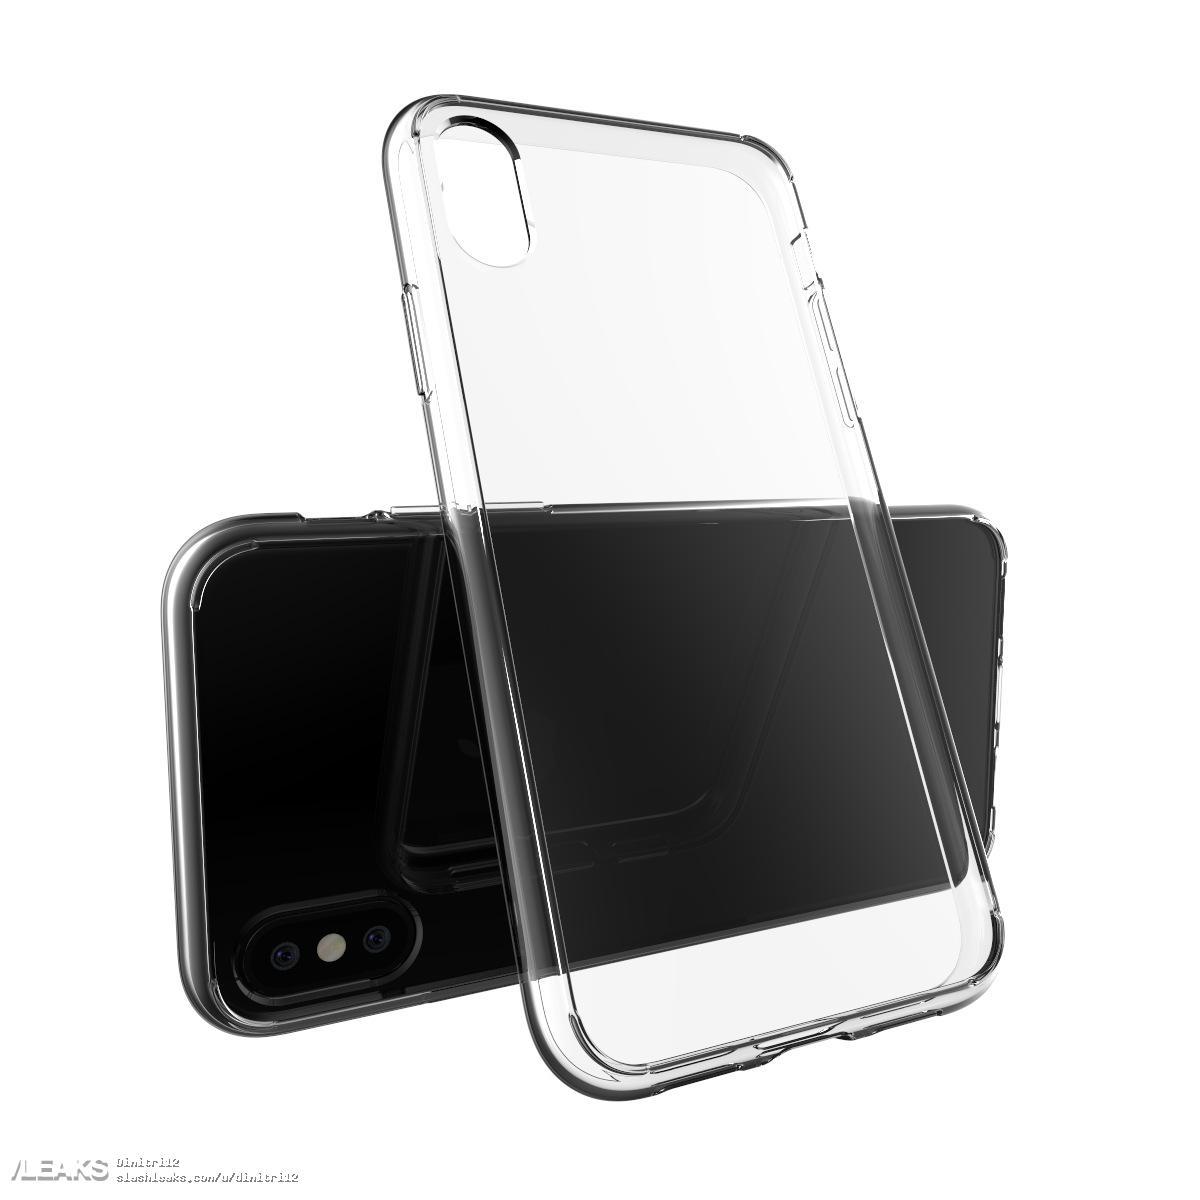 IPhone8 case leak 03